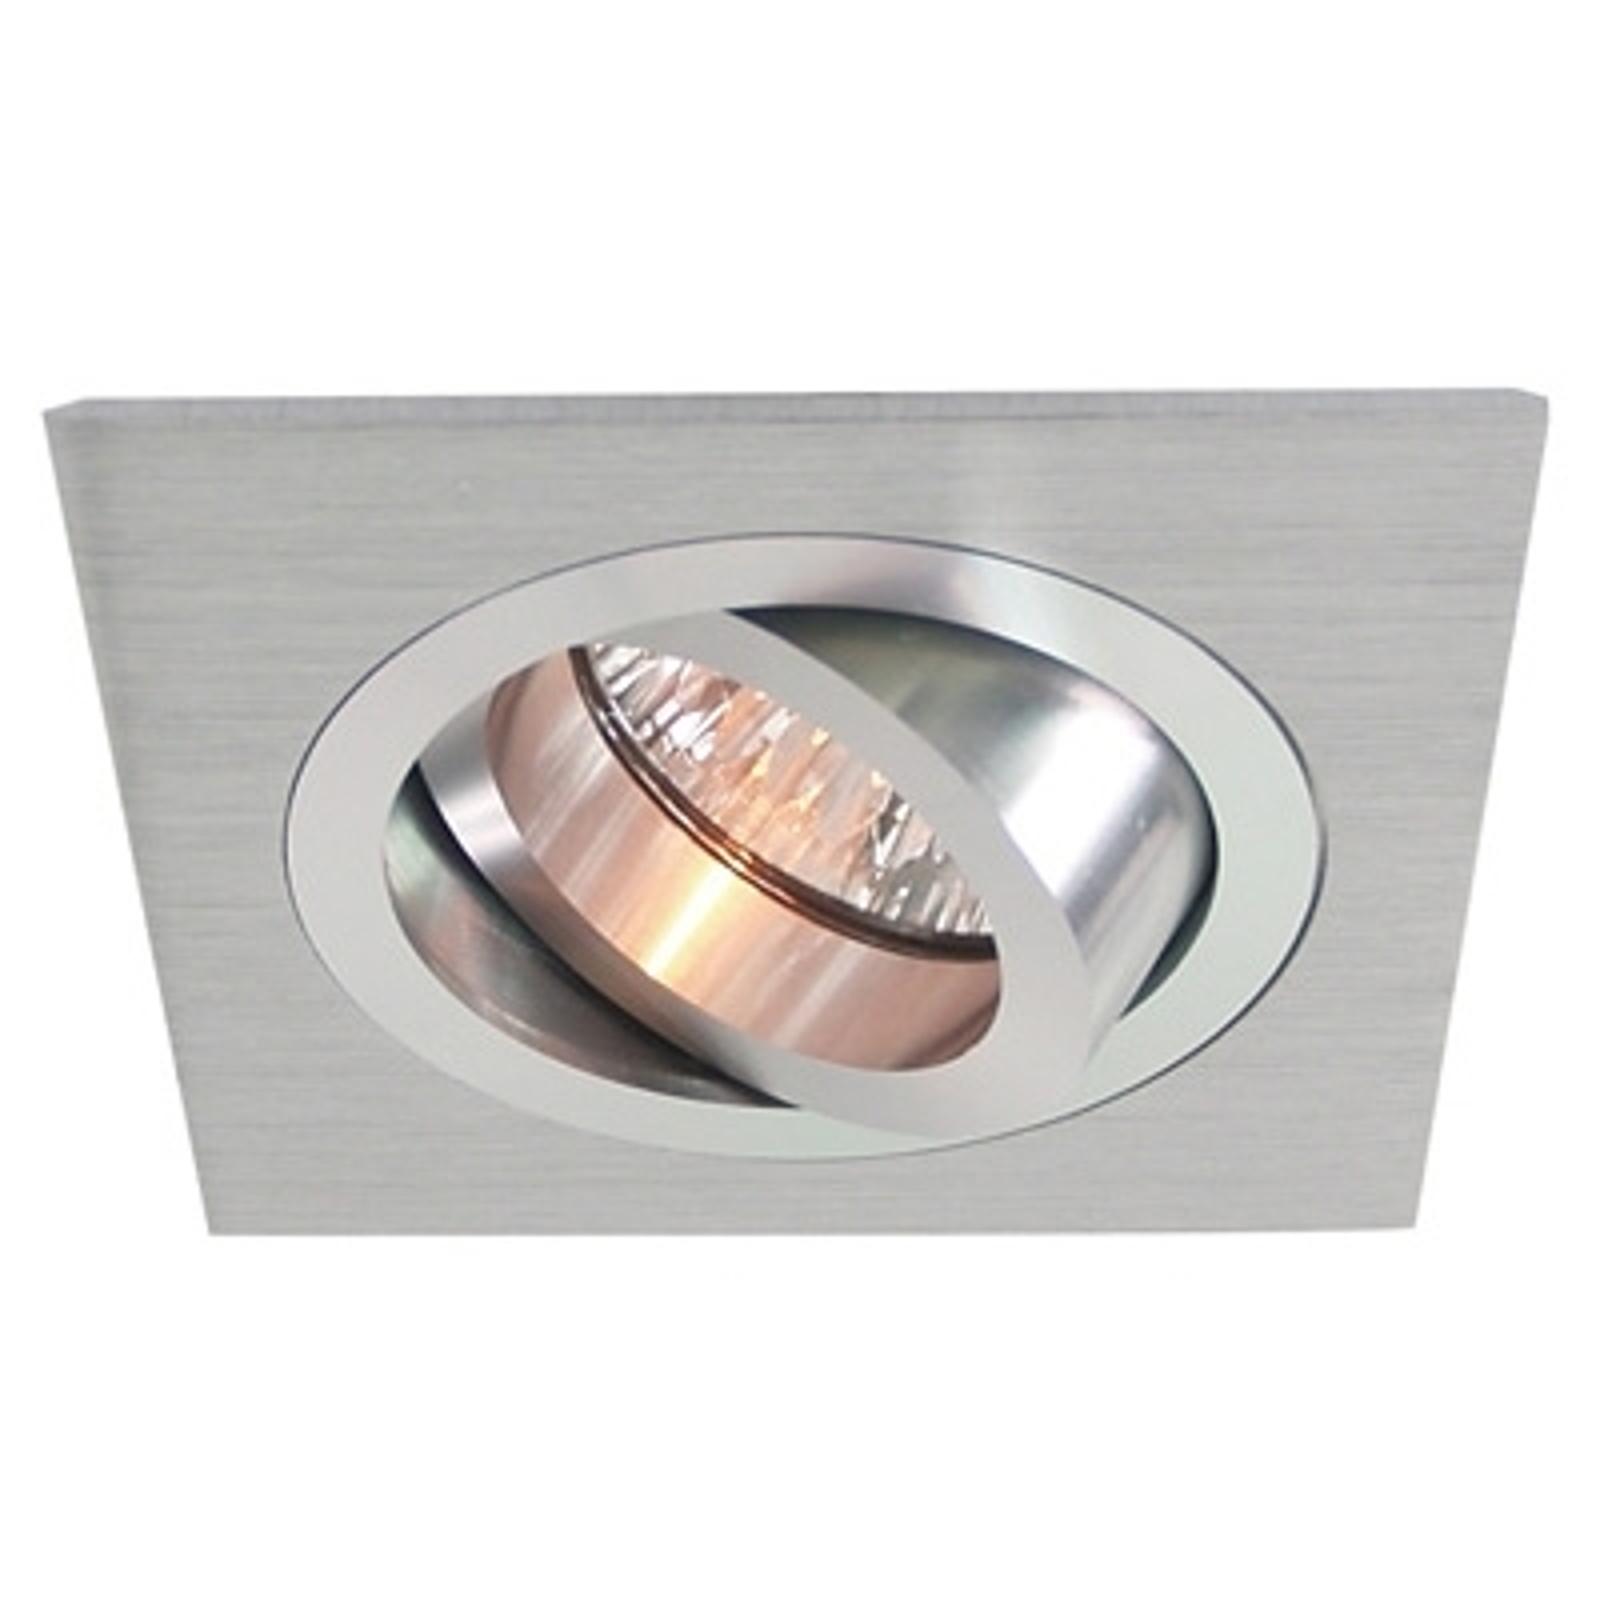 Hliníkové podhledové svítidlo výklopné, 9,2x9,2 cm